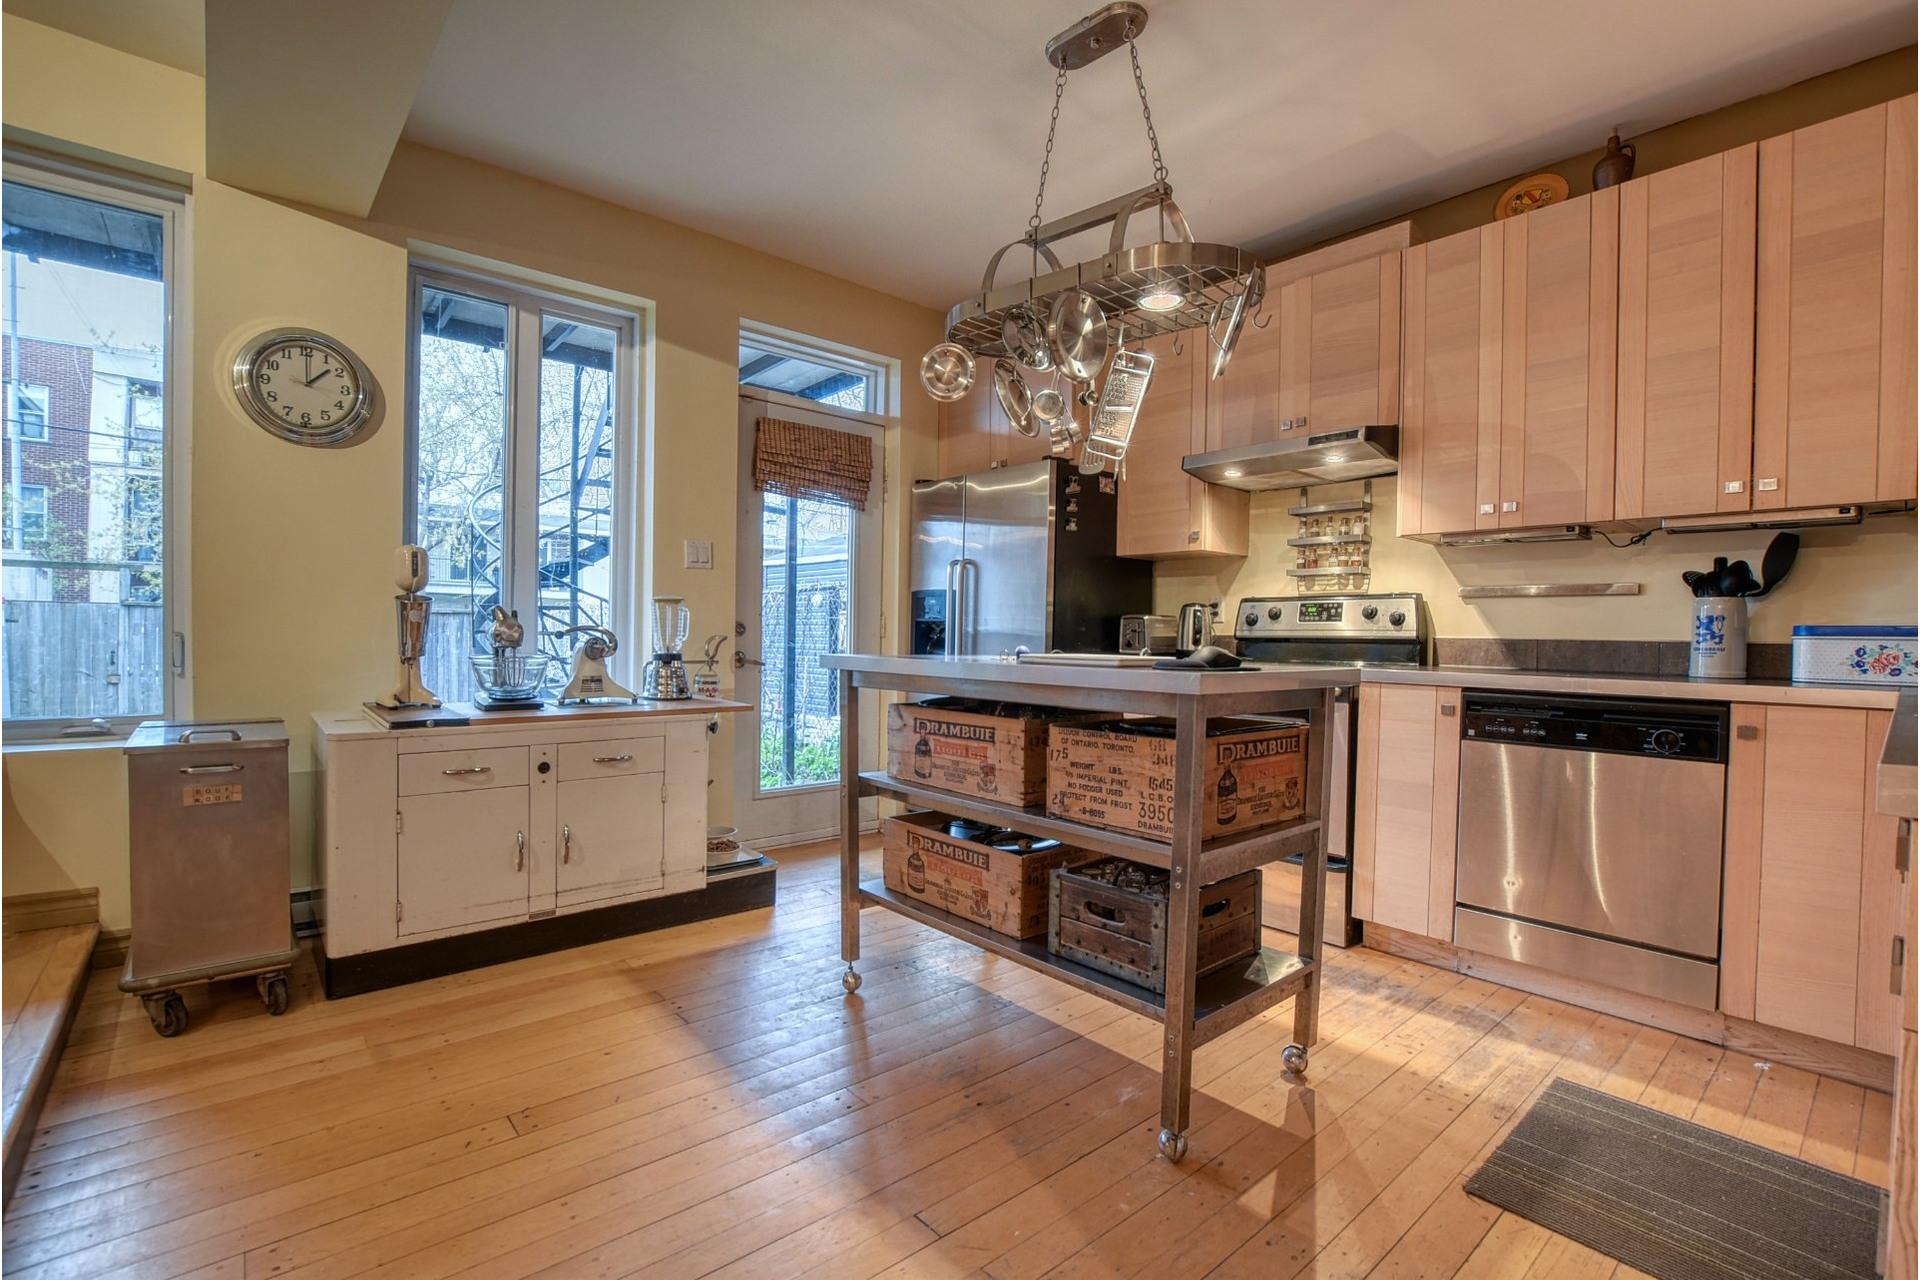 image 3 - Appartement À vendre Mercier/Hochelaga-Maisonneuve Montréal  - 5 pièces